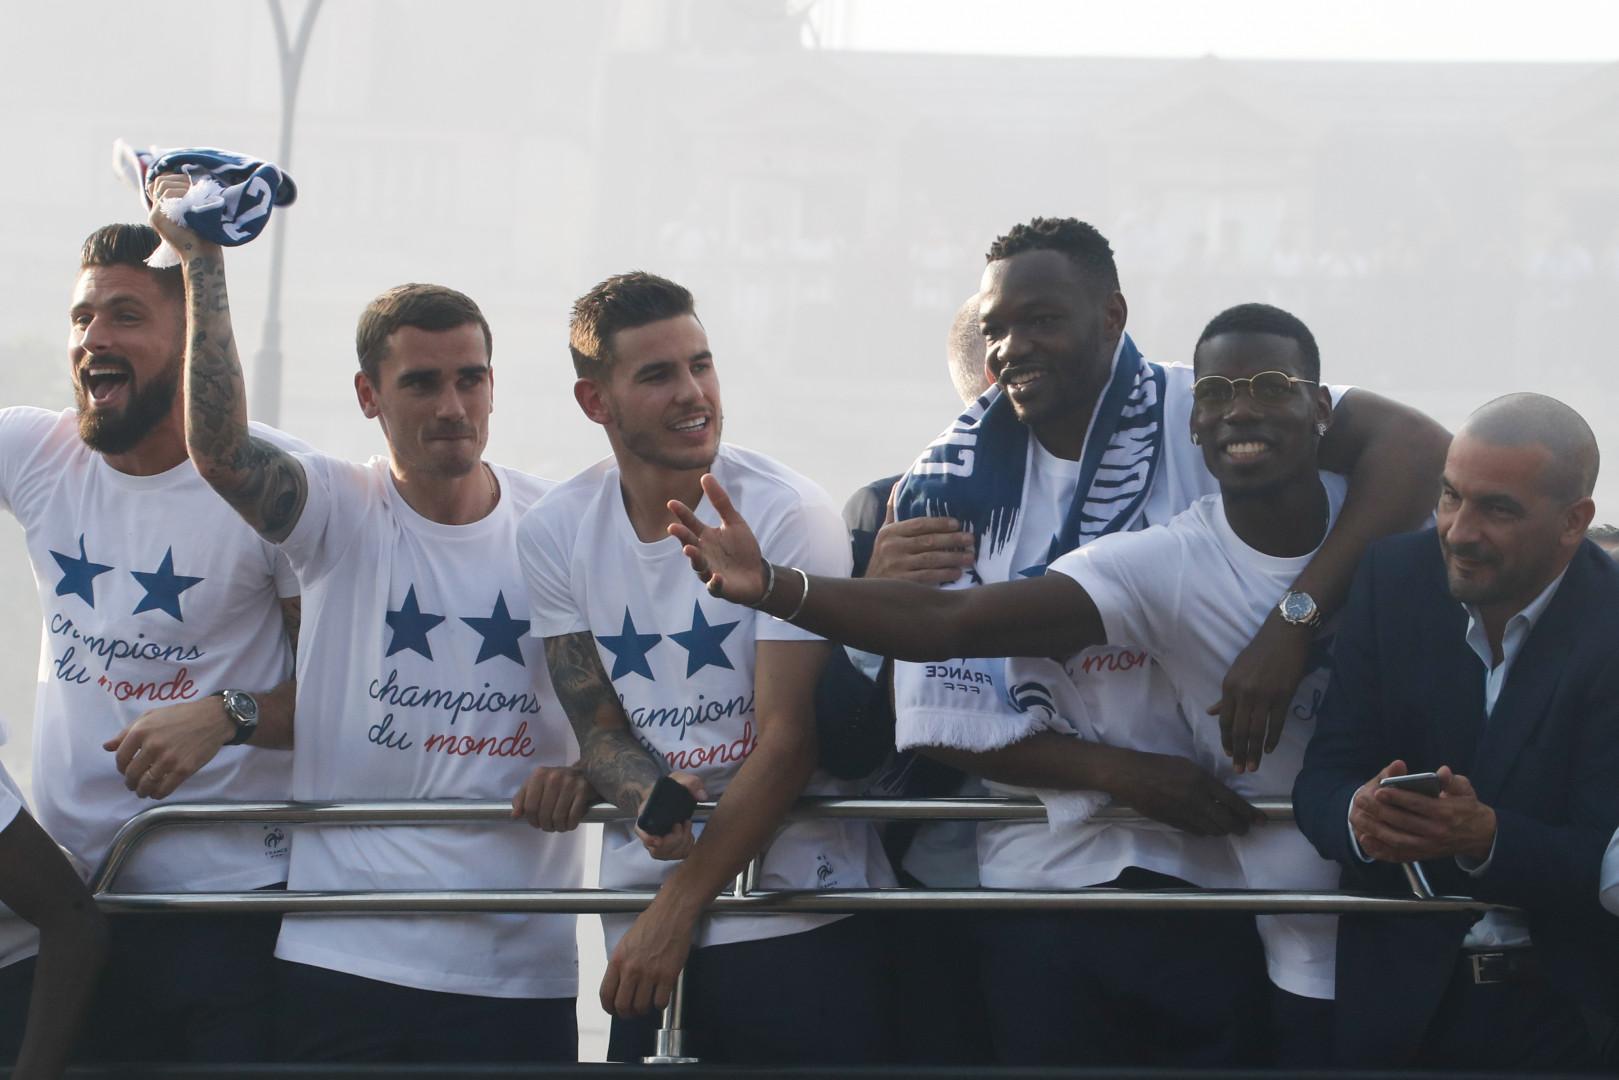 Olivier Giroud Antoine Griezmann, Lucas Hernandez, Steve Mandanda et Paul Pogba sur la bus à l'impériale